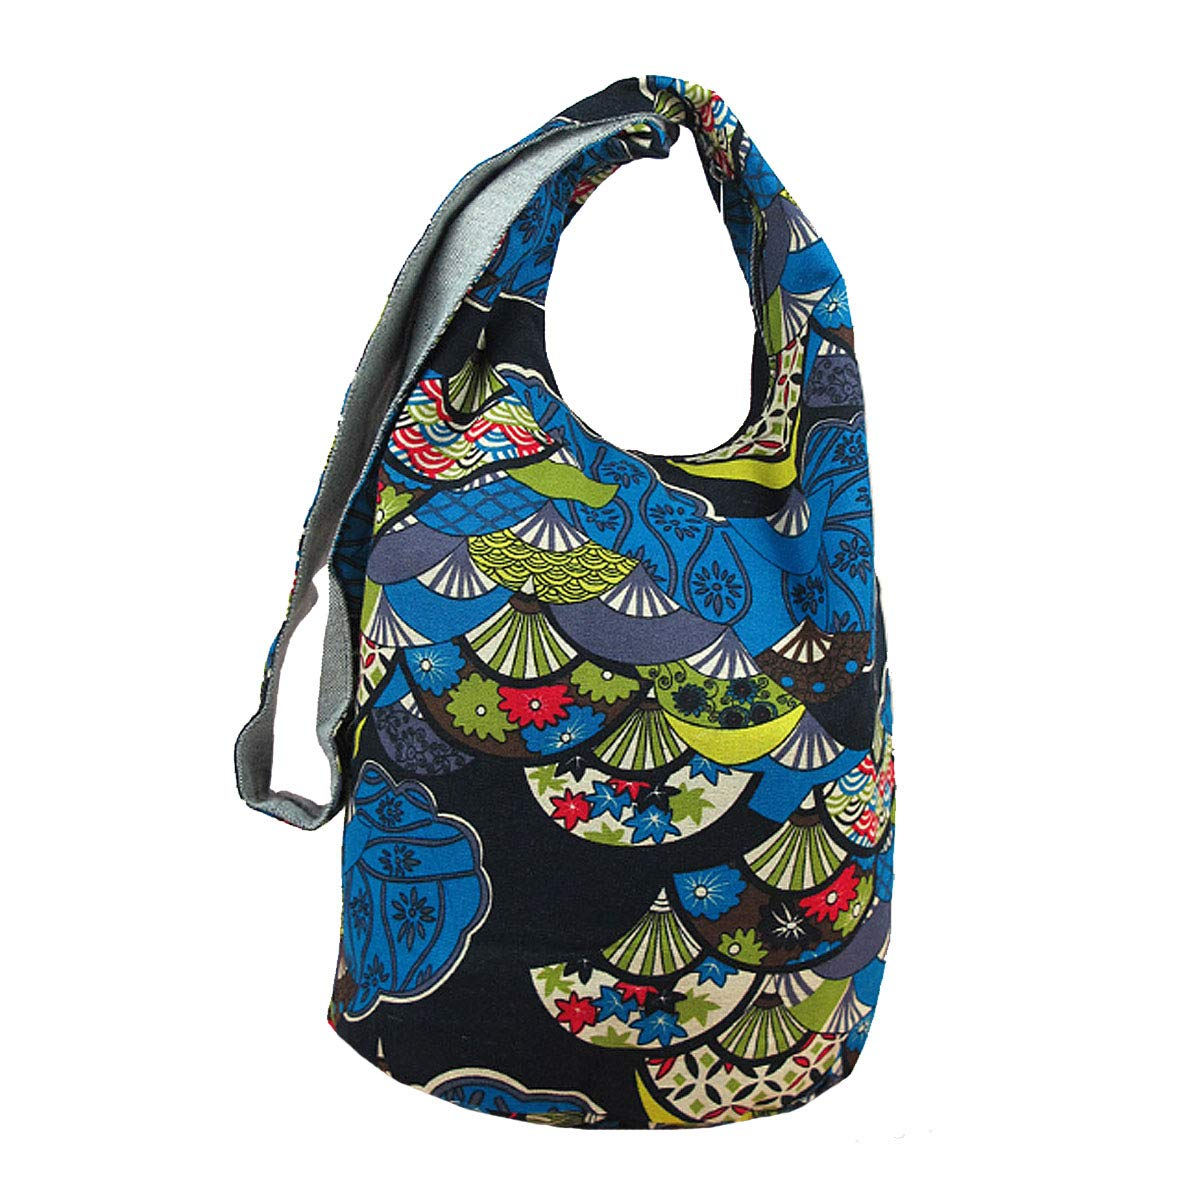 Goodbag Boutique Large Hobo Sling Crossbody Bag Hippie Shoulder Bag Purse Bohemian Messenger Bag